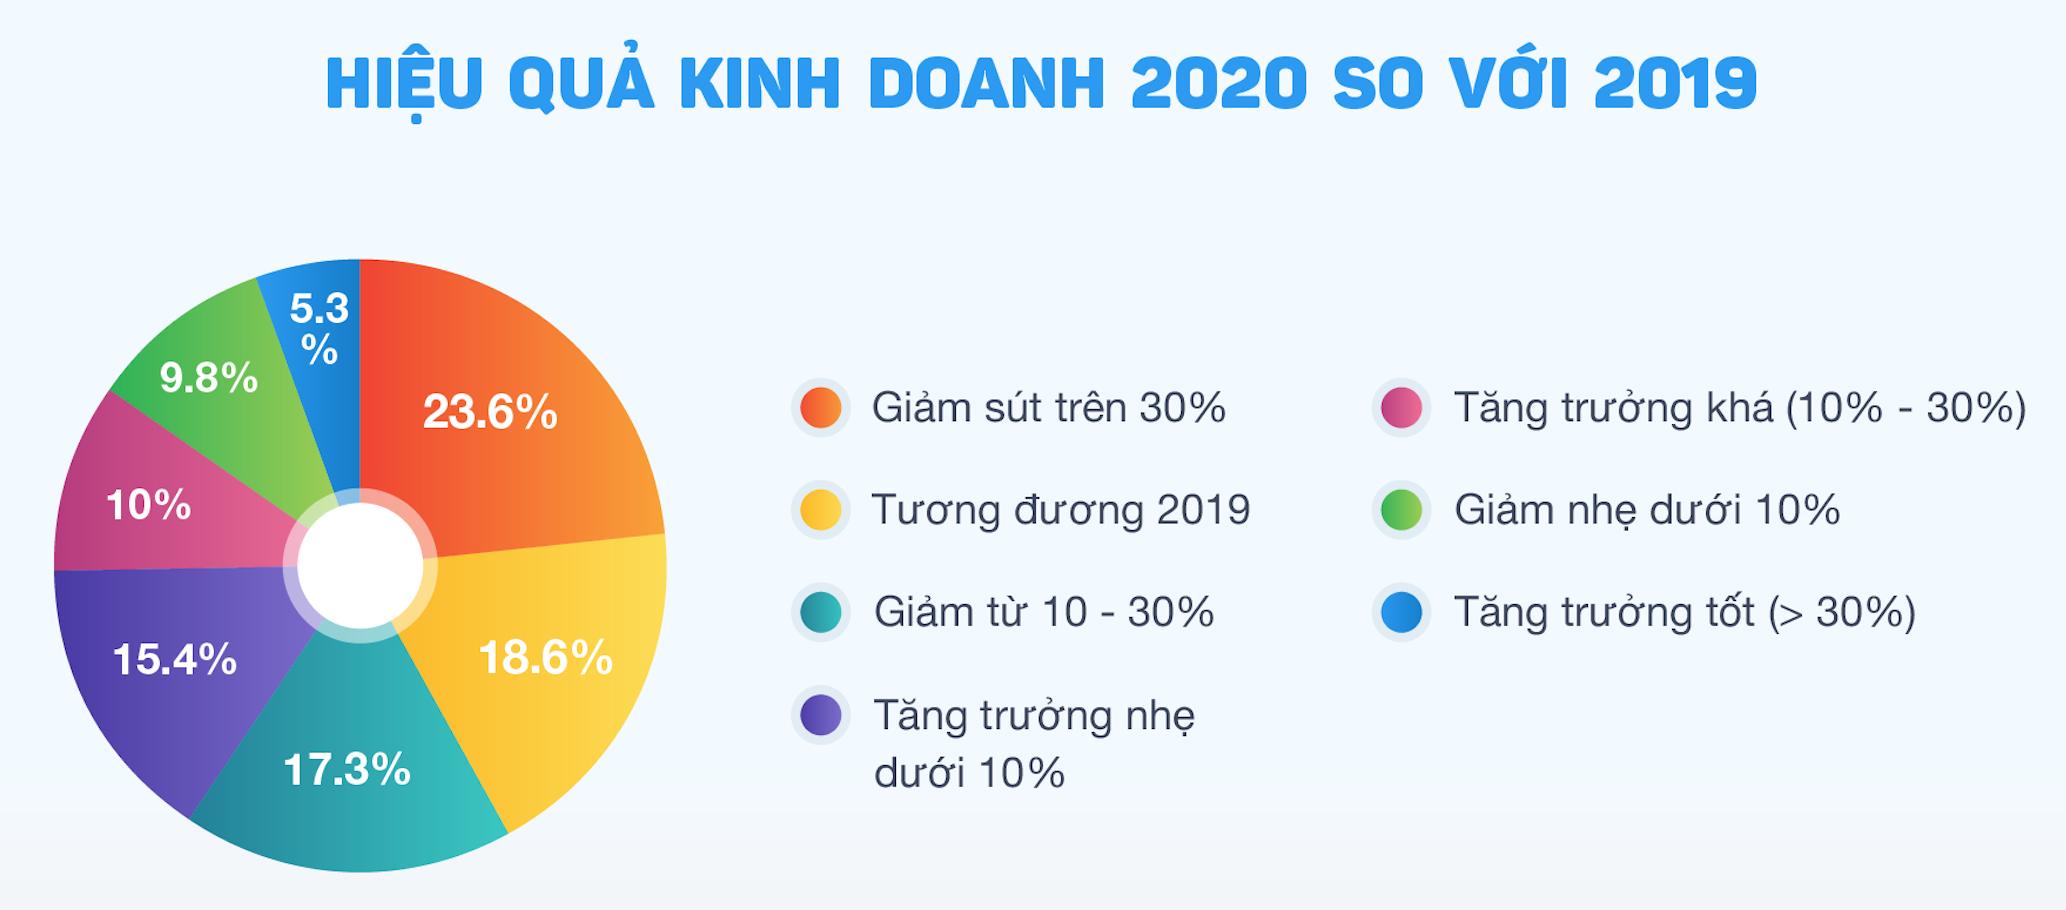 Bán hàng qua kênh thương mại điện tử trỗi dậy trong năm 2020 - Ảnh 1.